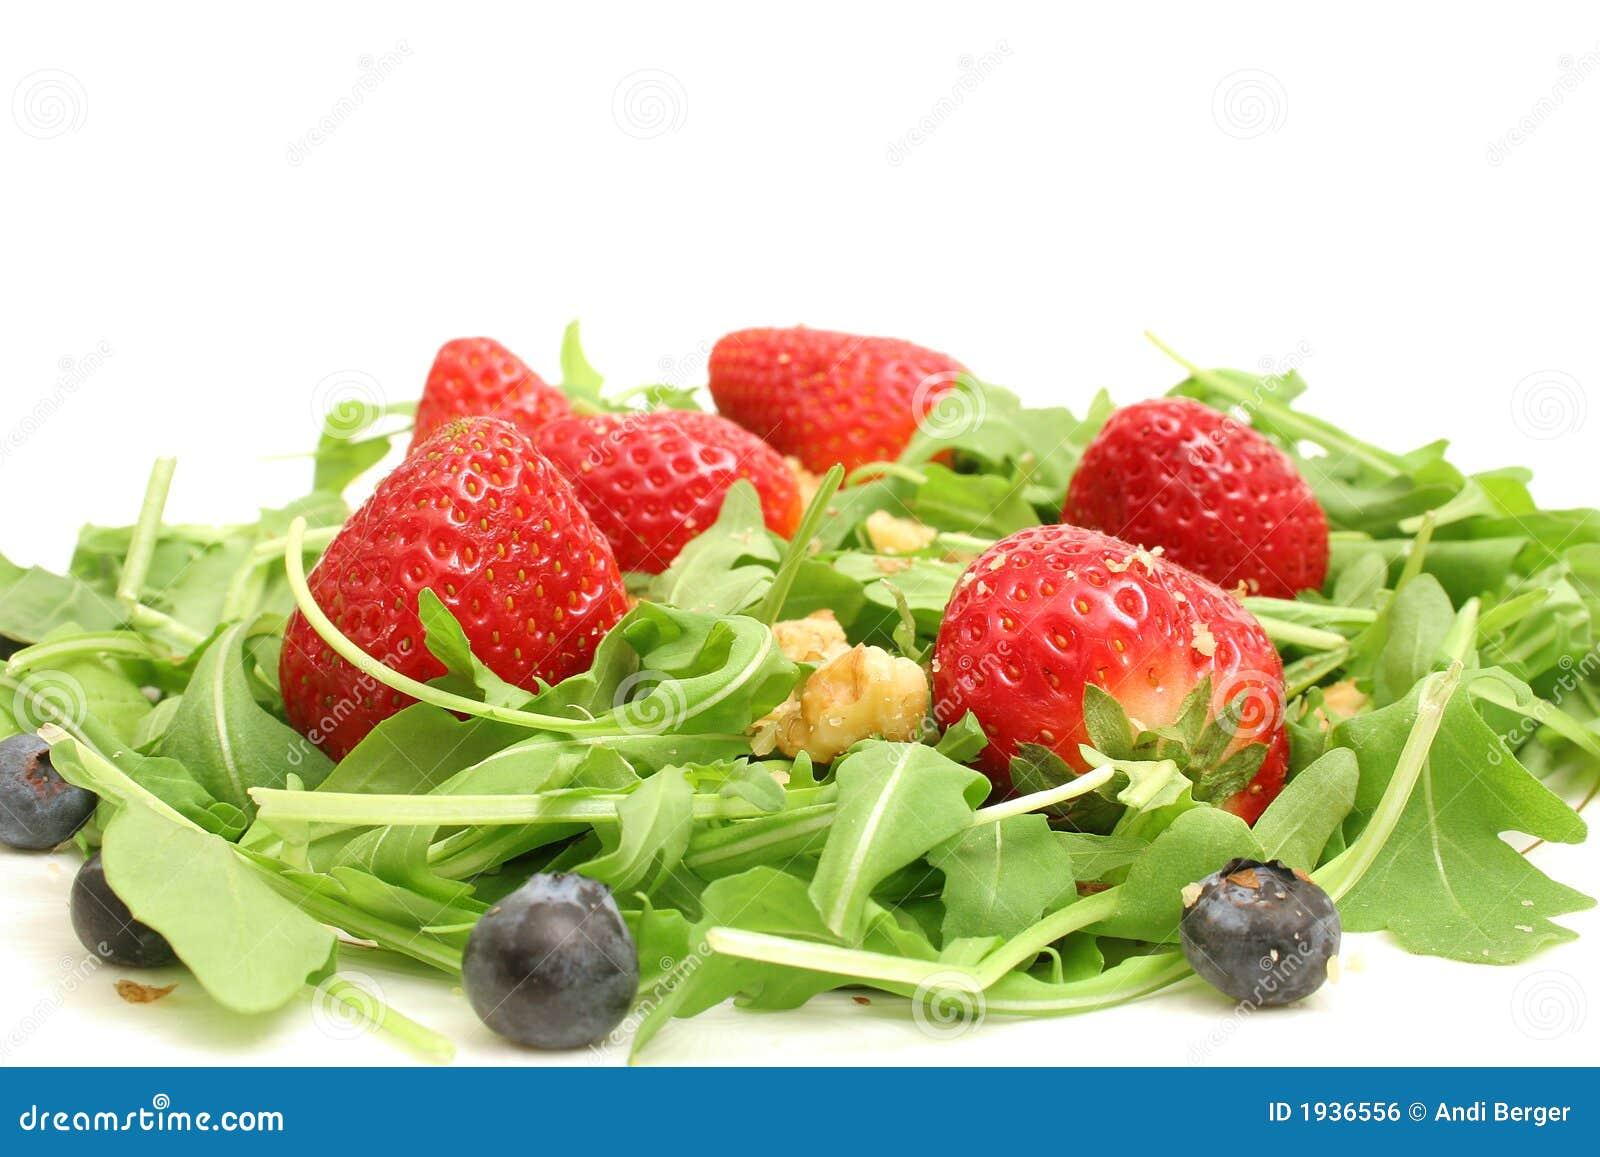 Arugula salad w/berries & nuts